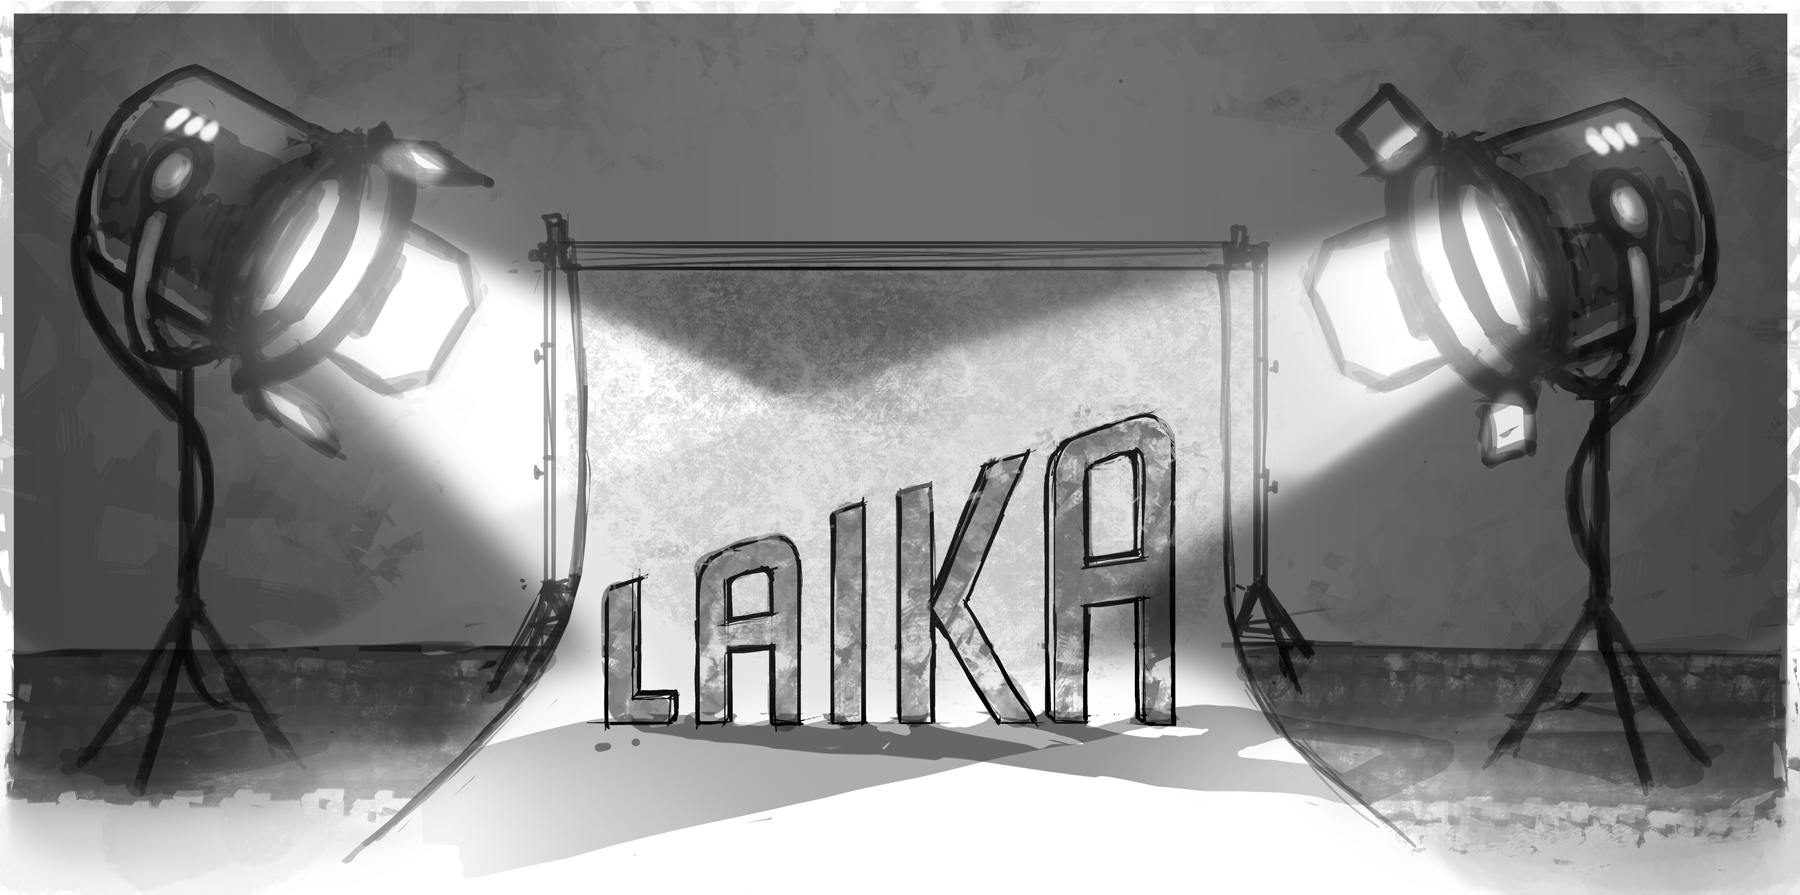 LAIKA_Spotlights_Sketch_v1_kb (1).png